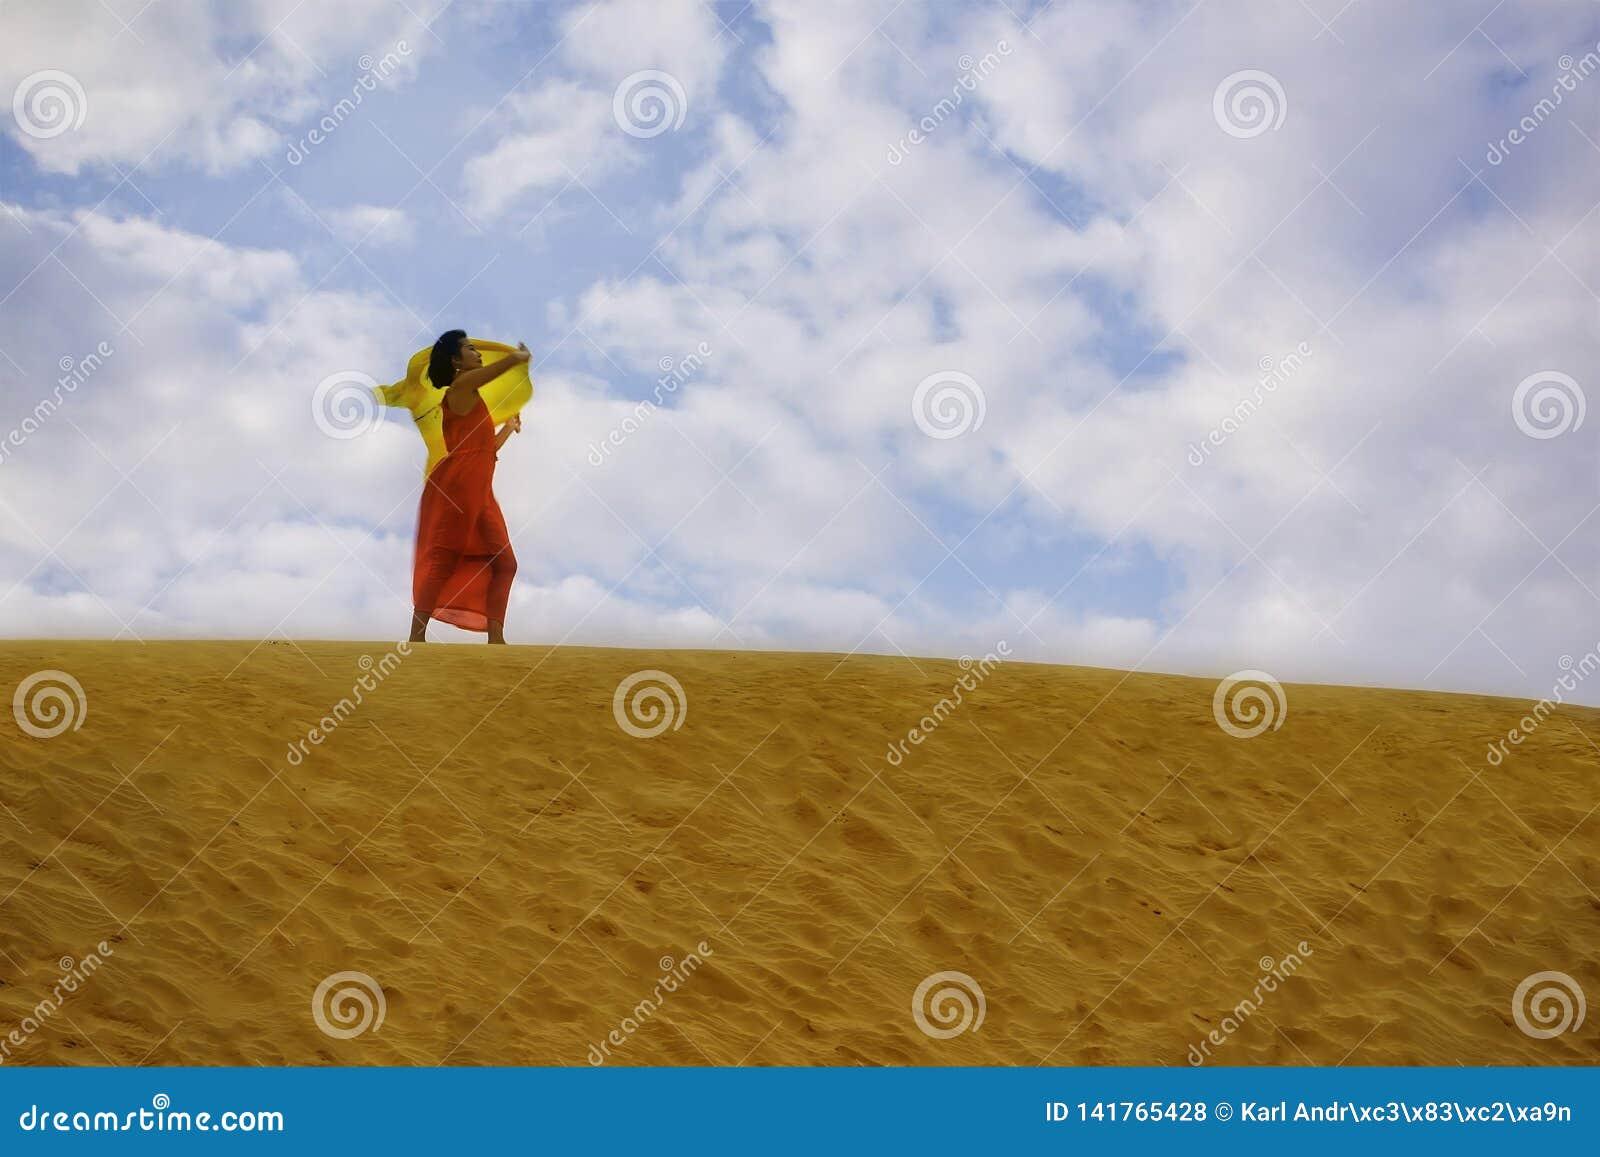 Eine Frau im roten Kleid